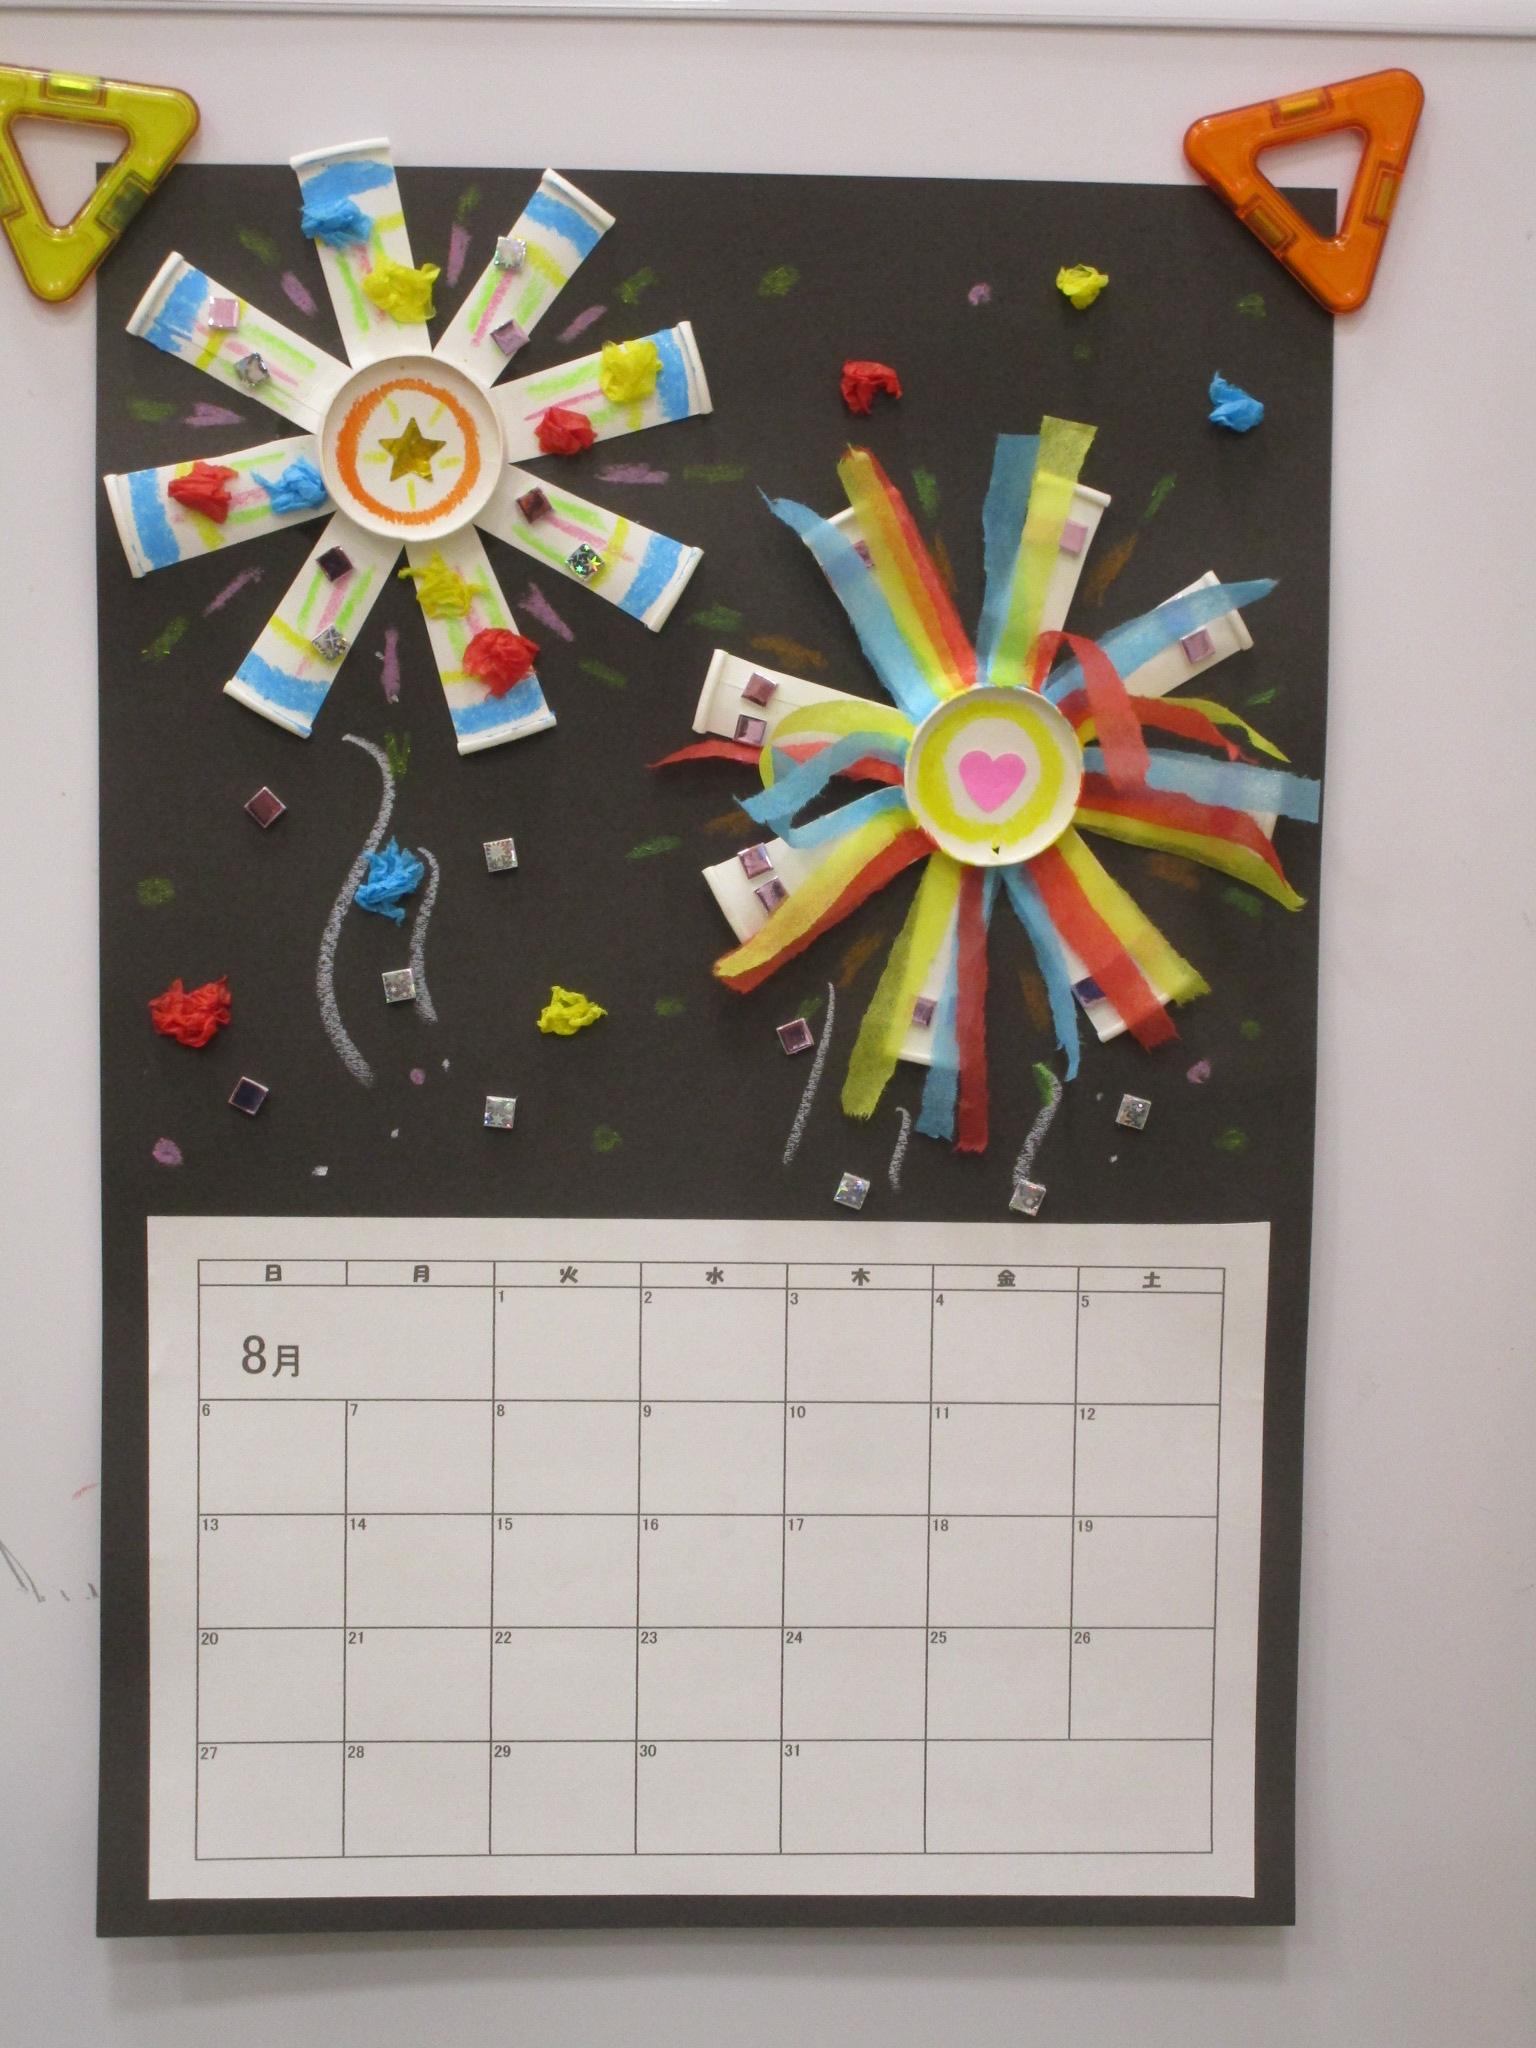 8月のカレンダー作りをします